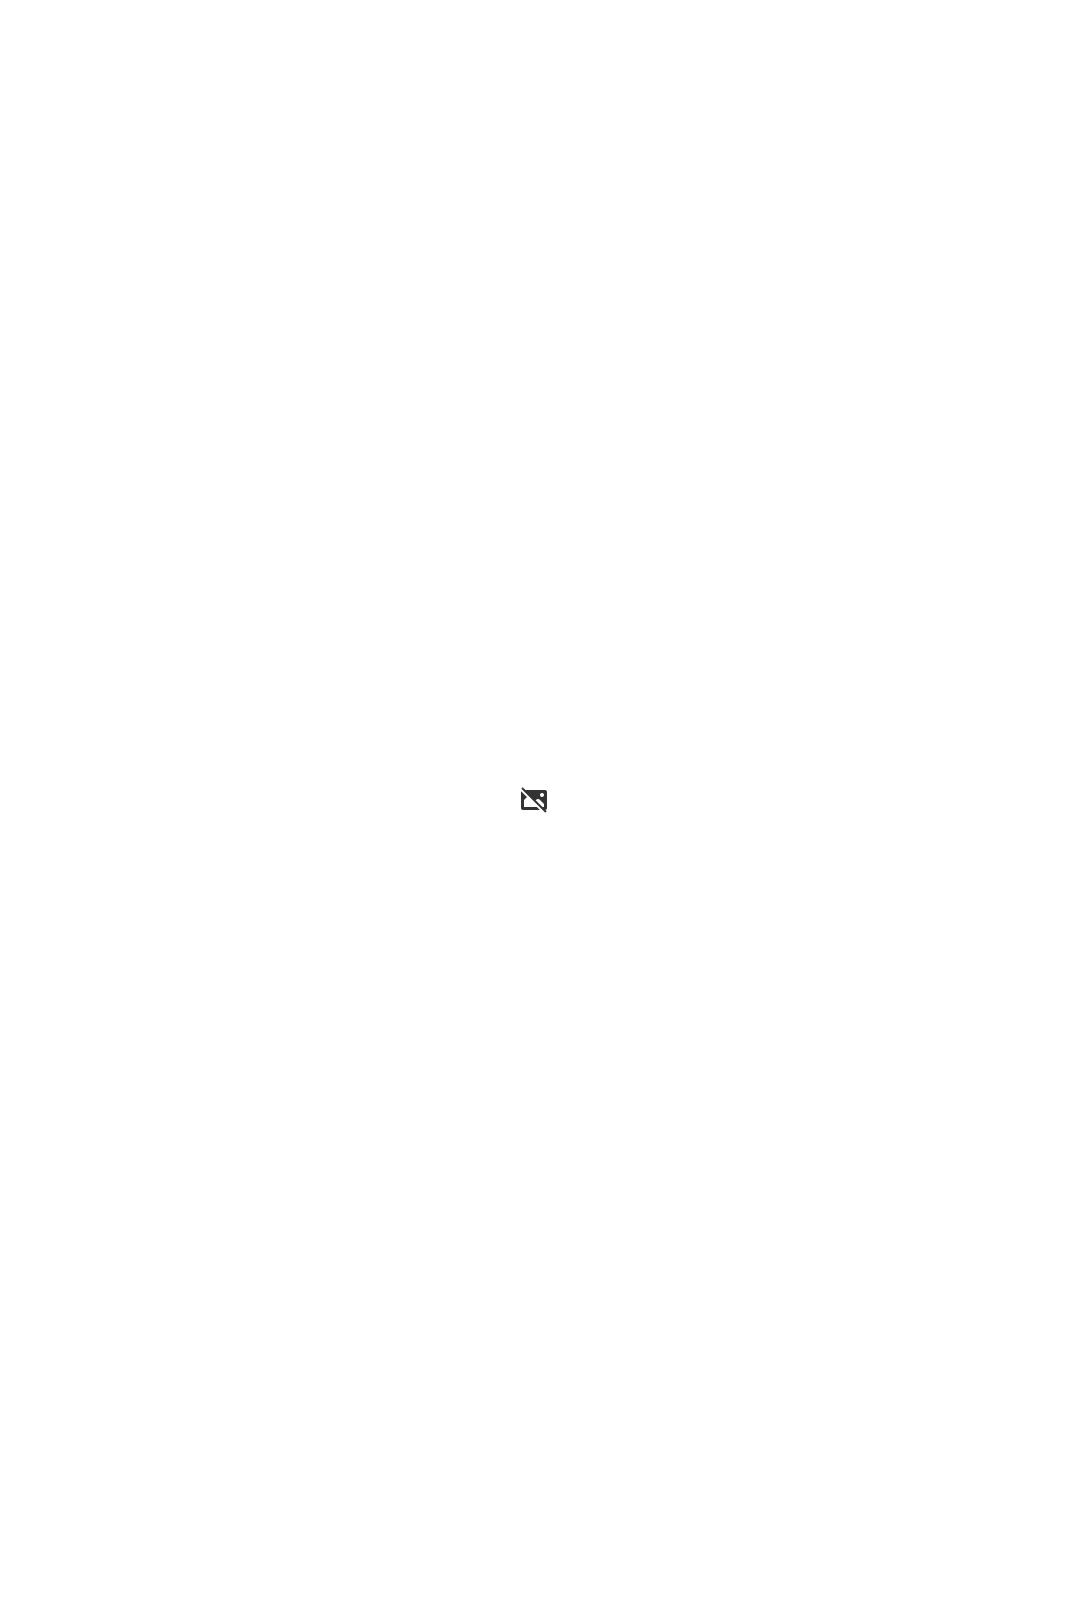 chipsy wodorosty zdrowa przekąska